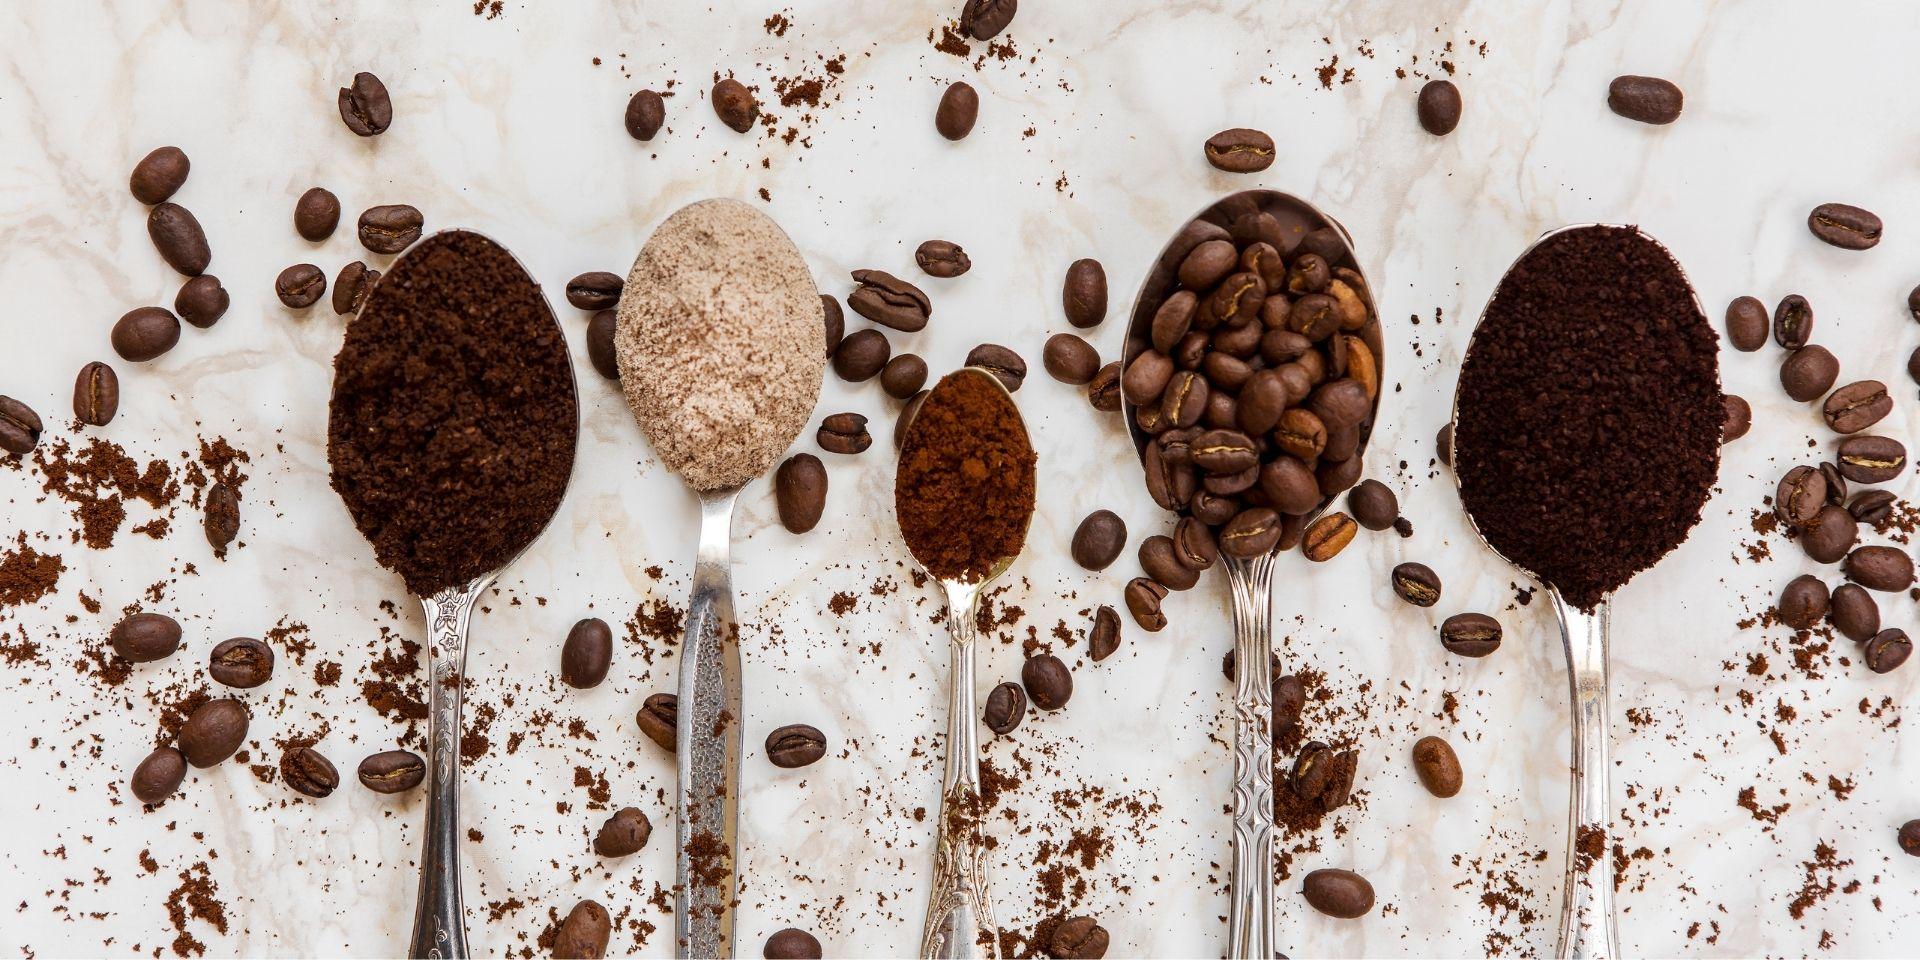 Обзор лучших сортов молотого кофе